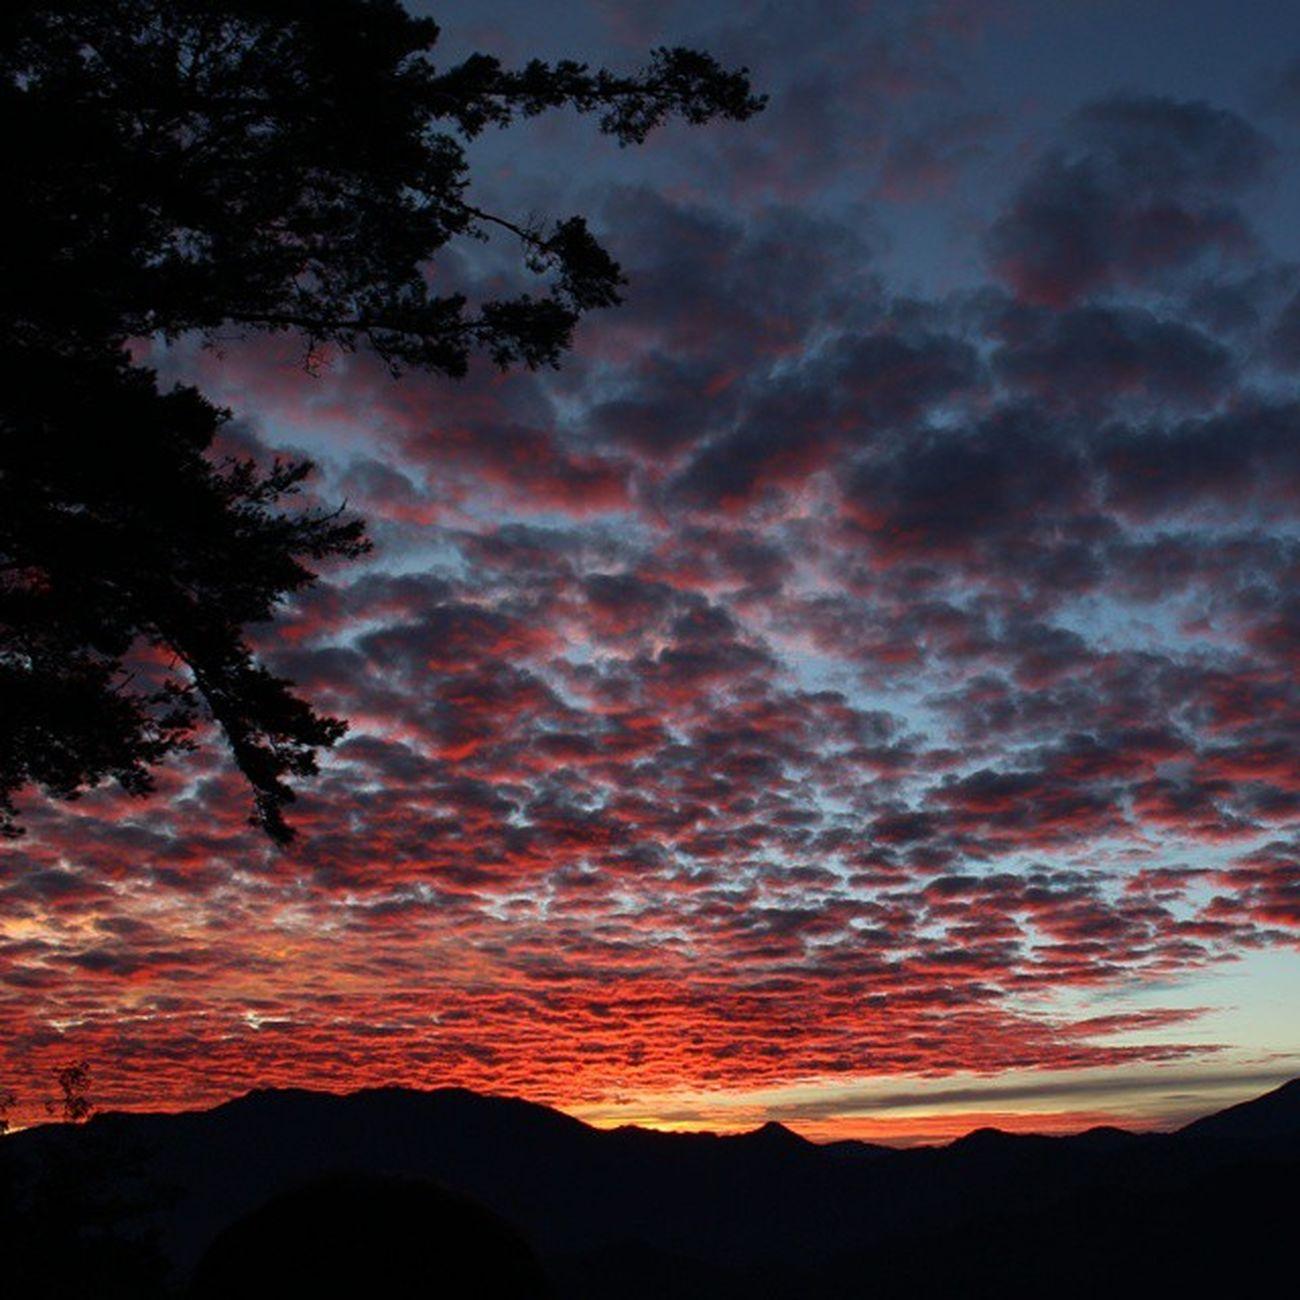 ⛅ 覺得幸運 第一次來阿里山看日出 真的有被美到... 阿里山日出